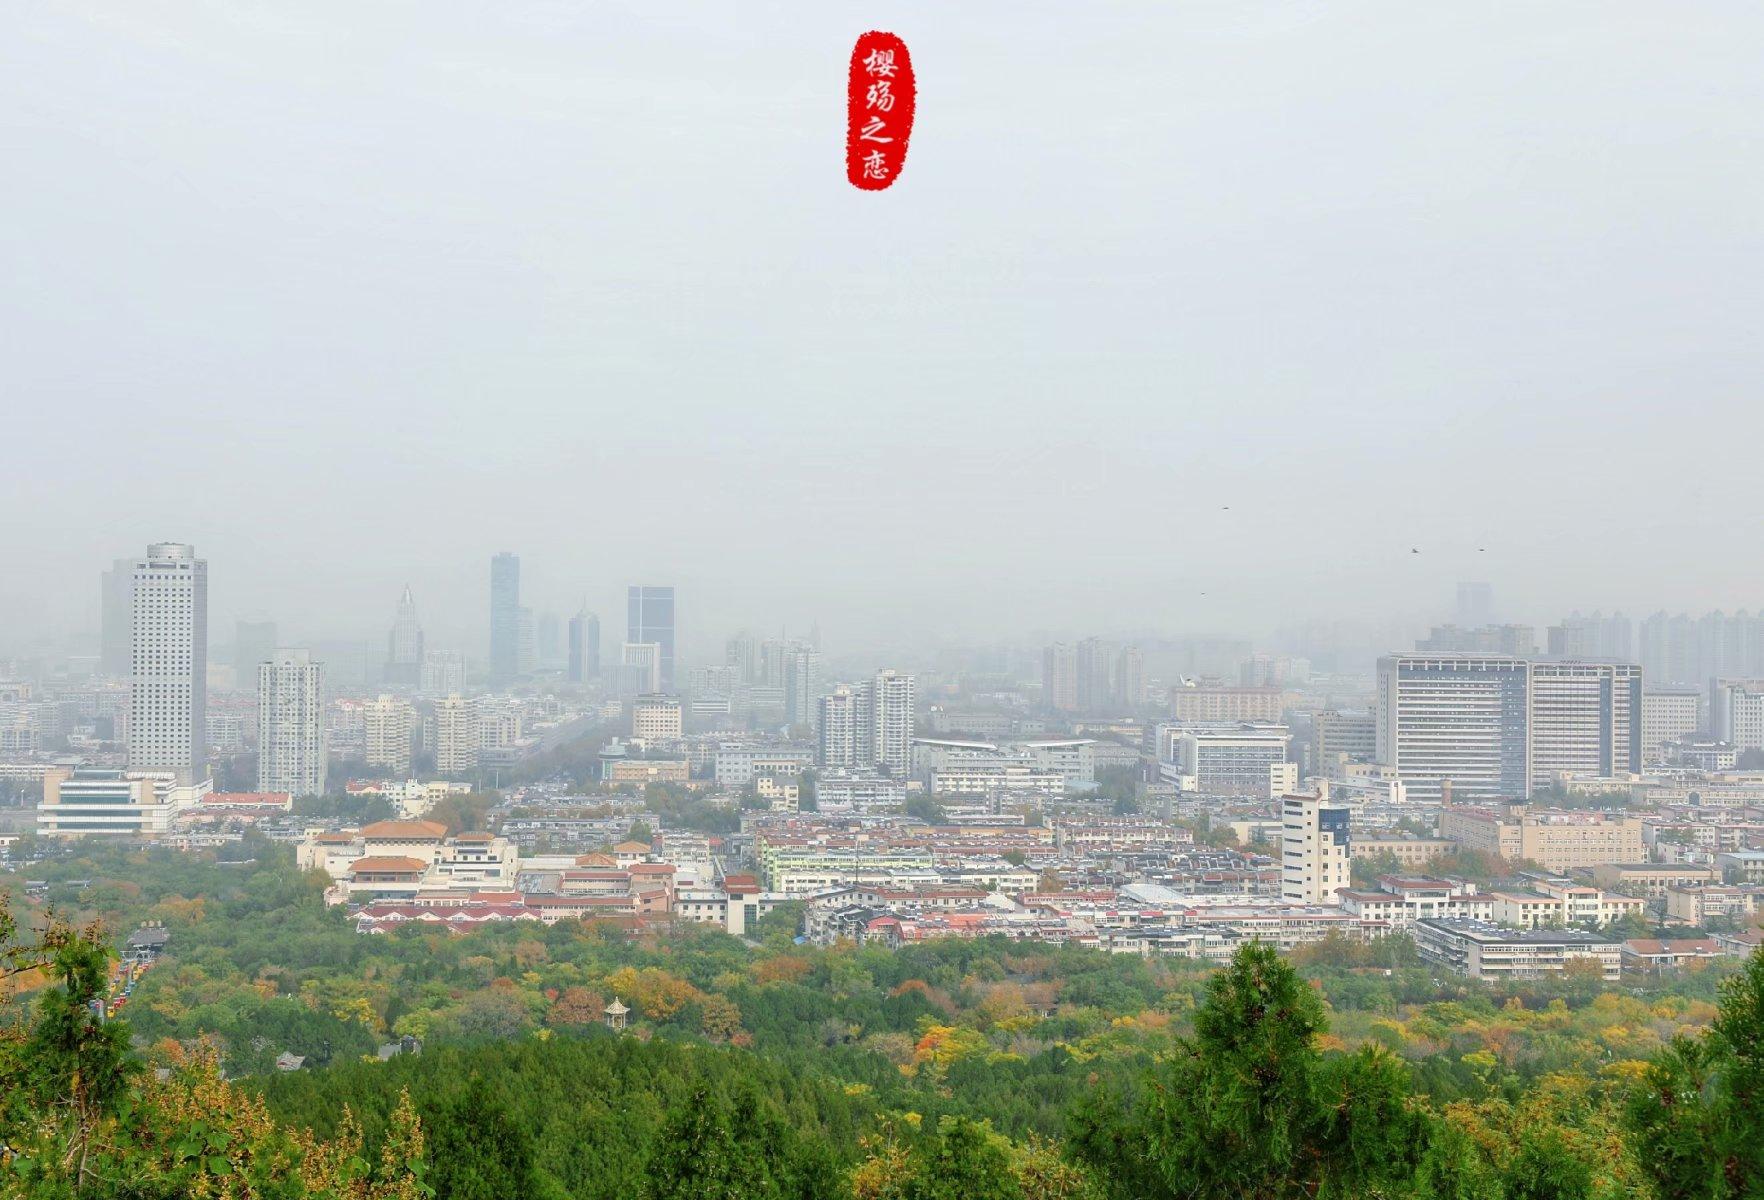 中国一二线城市总人口_中国城市人口变化:一二线城市吸引力强,深圳10年增长超